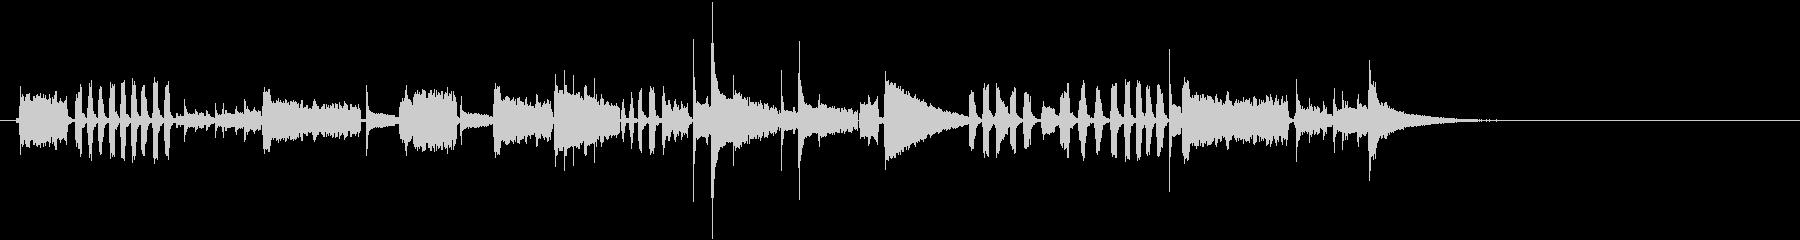 さまざまな面白いノックド無意識音と...の未再生の波形